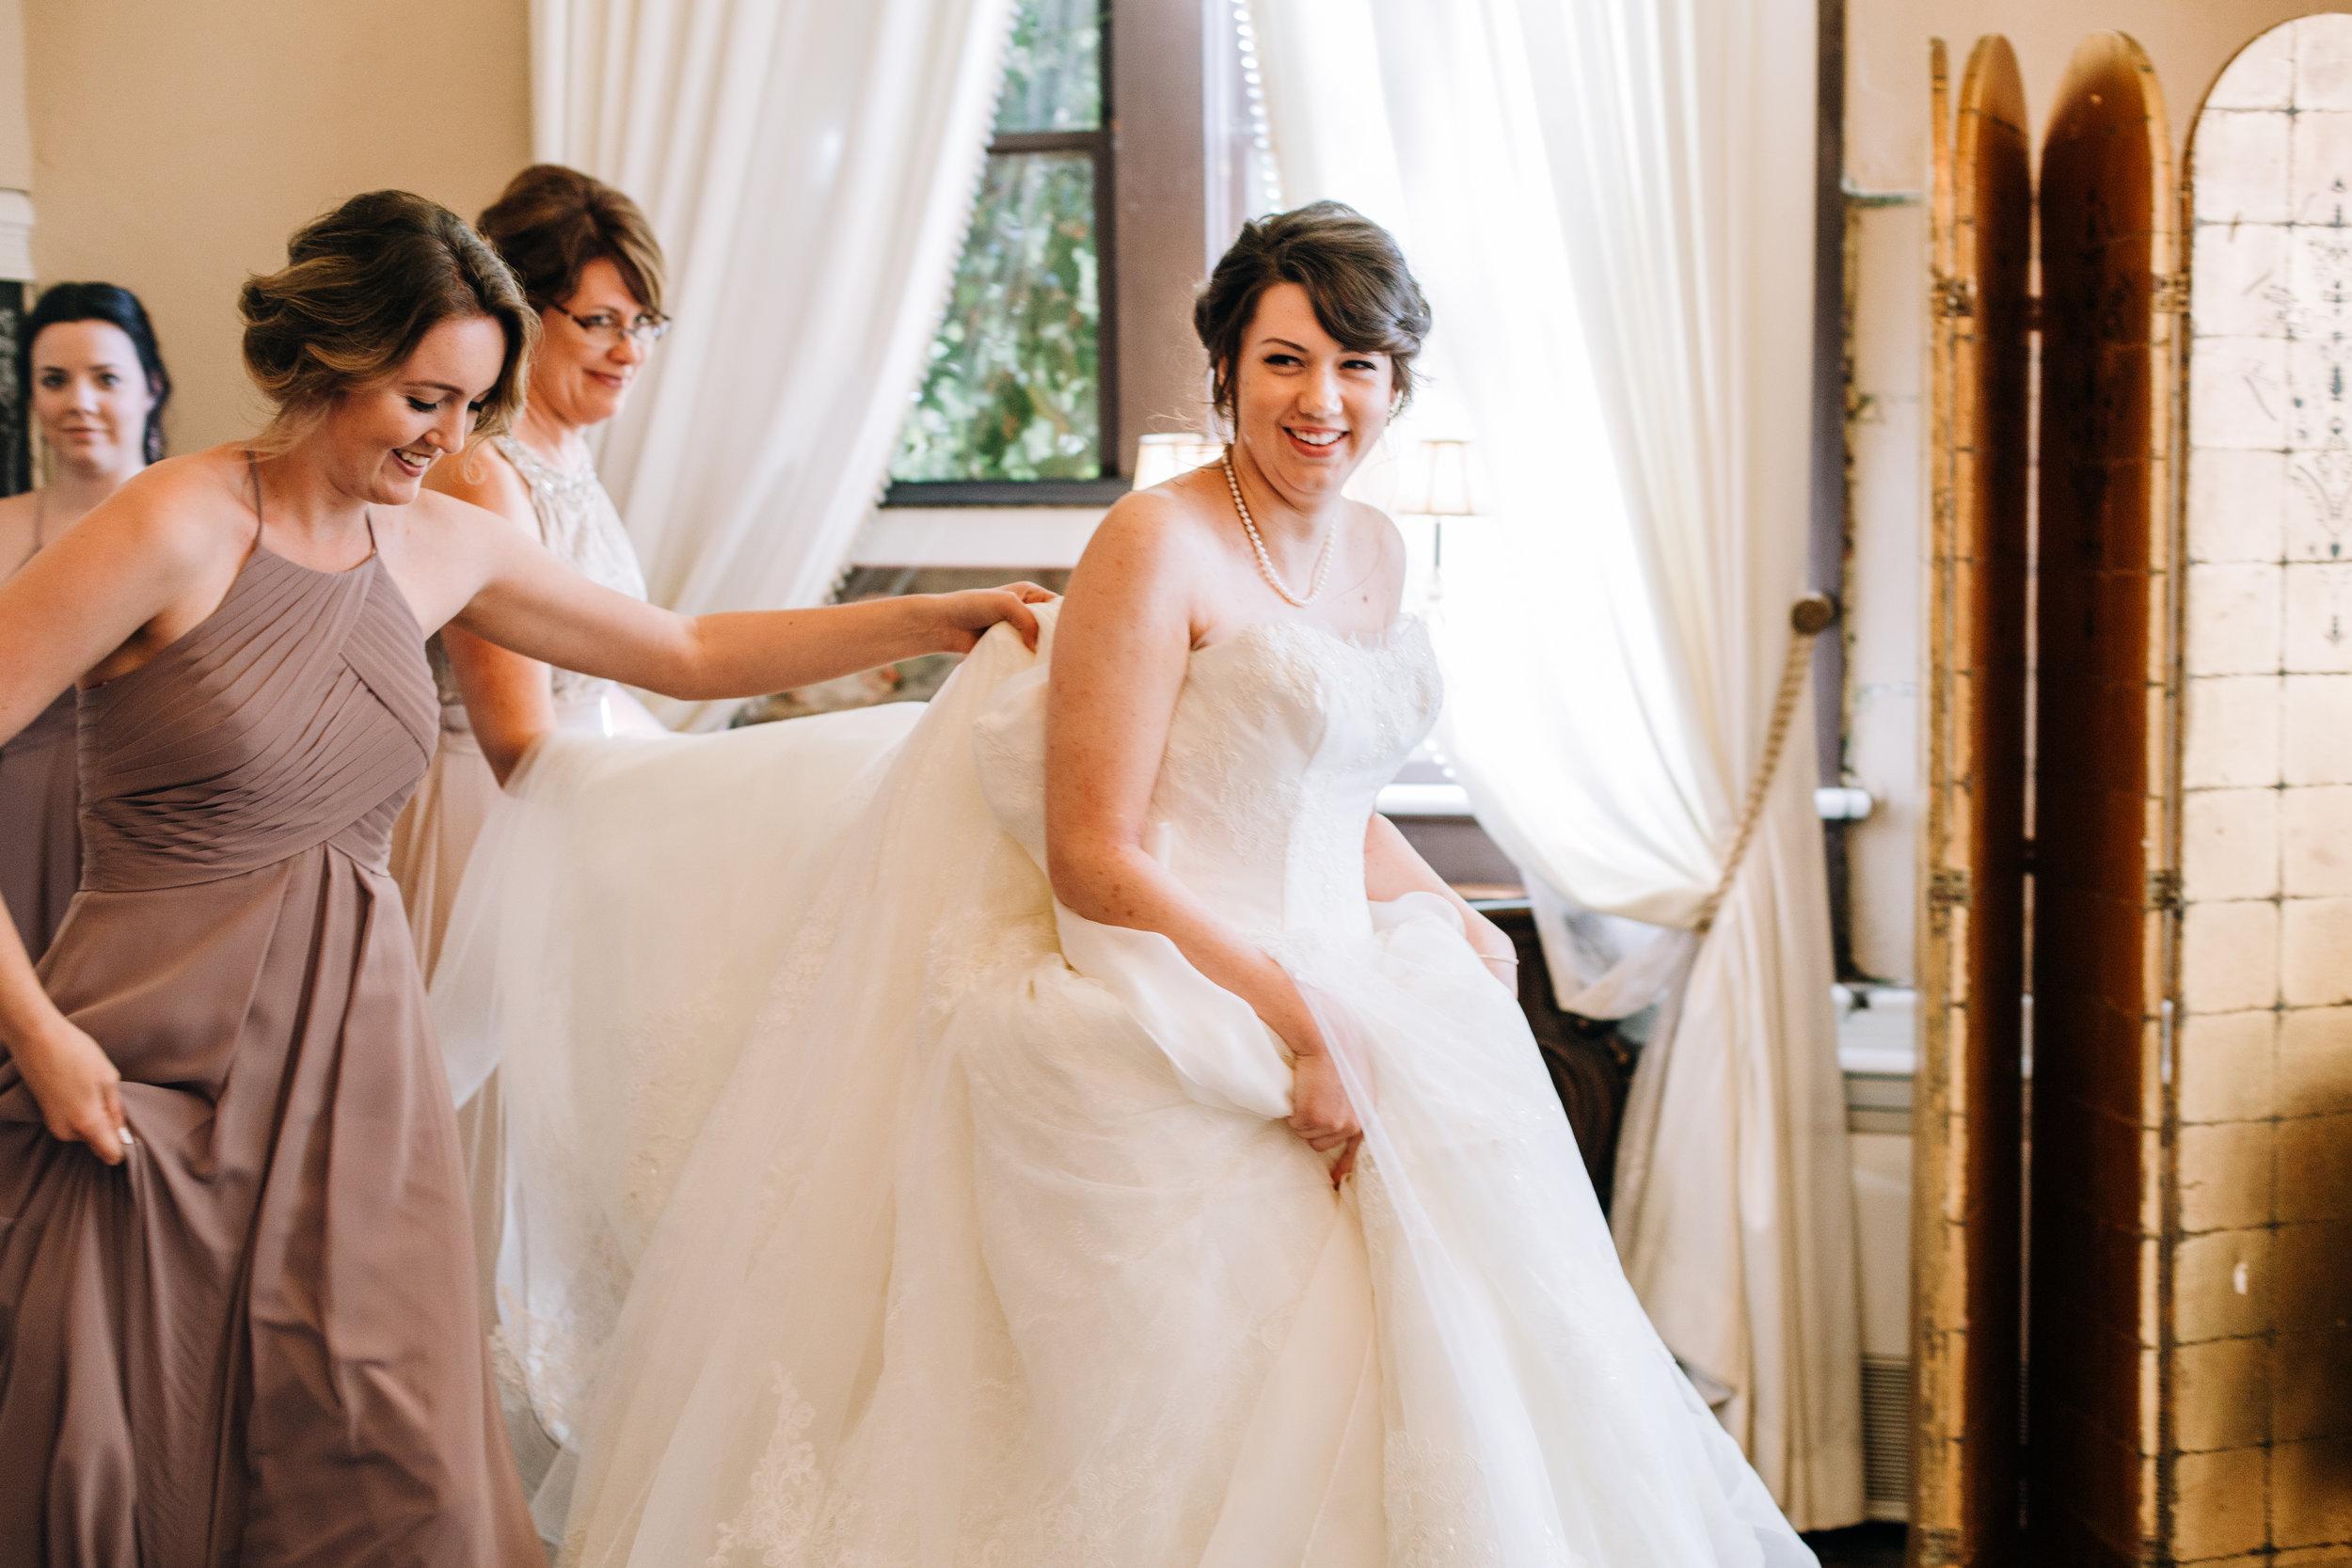 KaraNixonWeddings-SanMarcos-Wedding-16.jpg